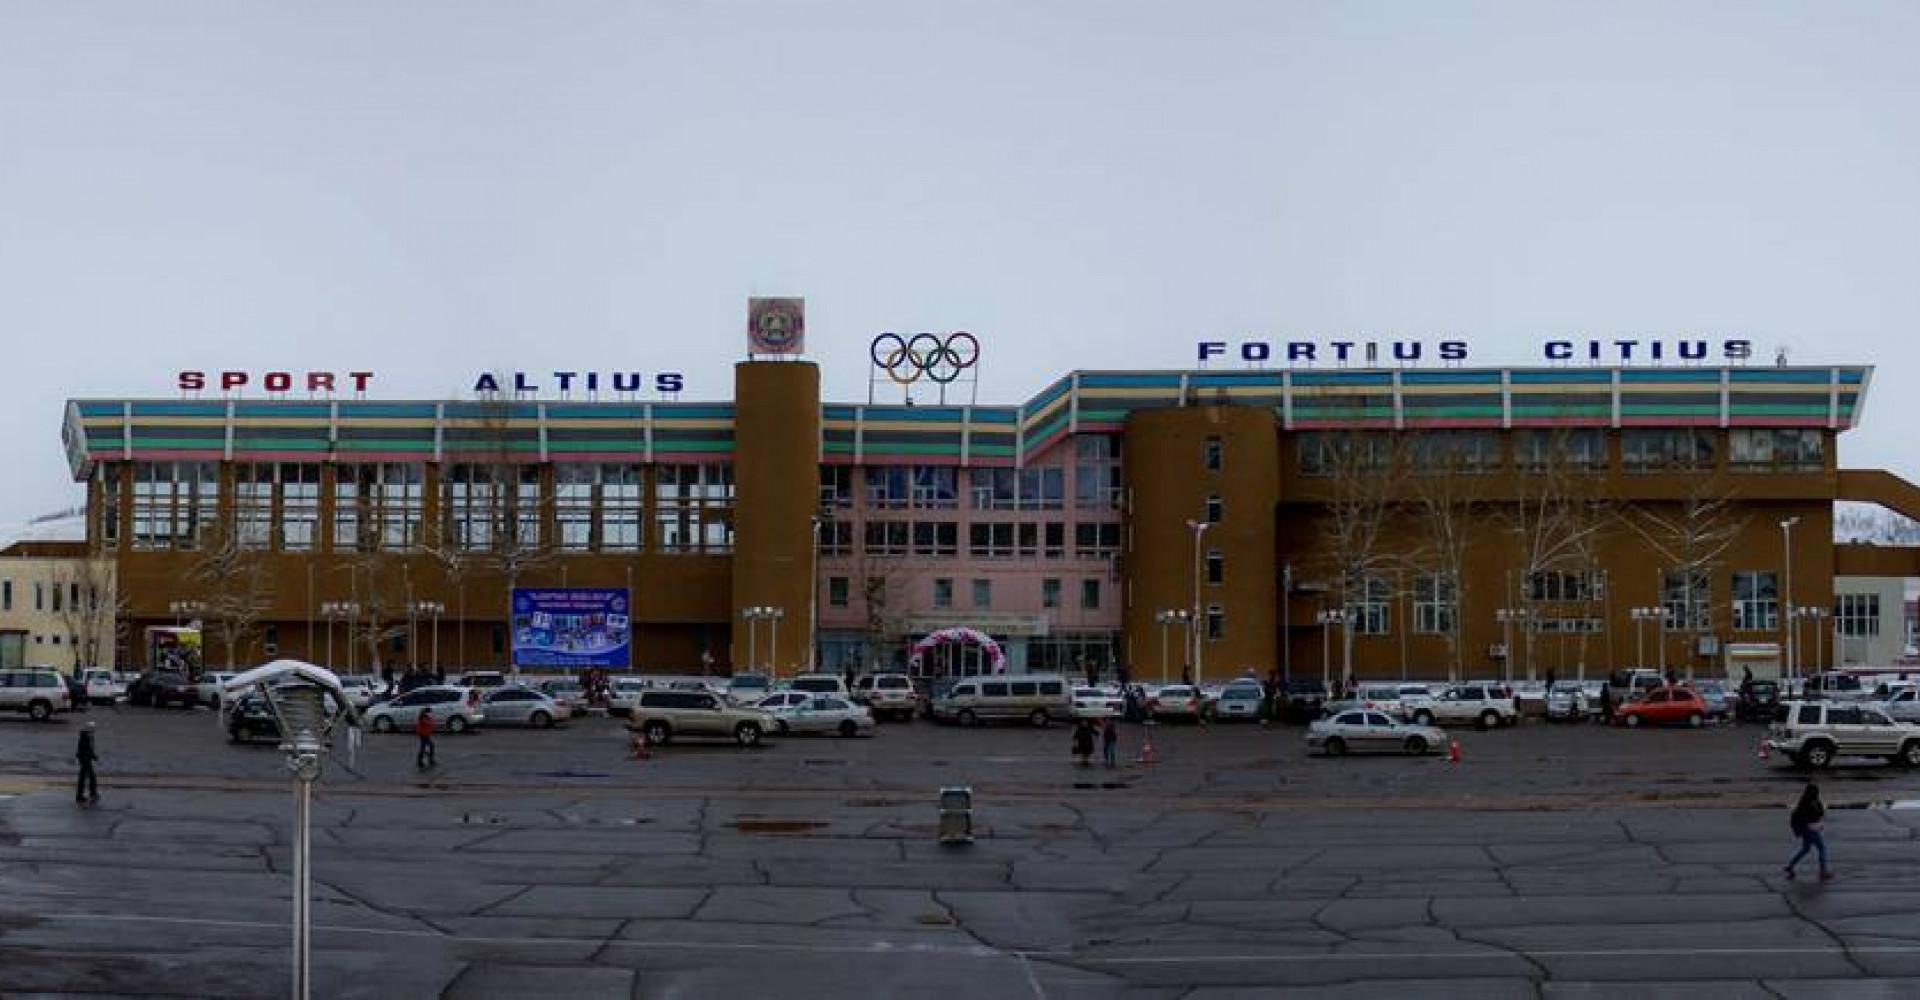 Khangarid sports complex